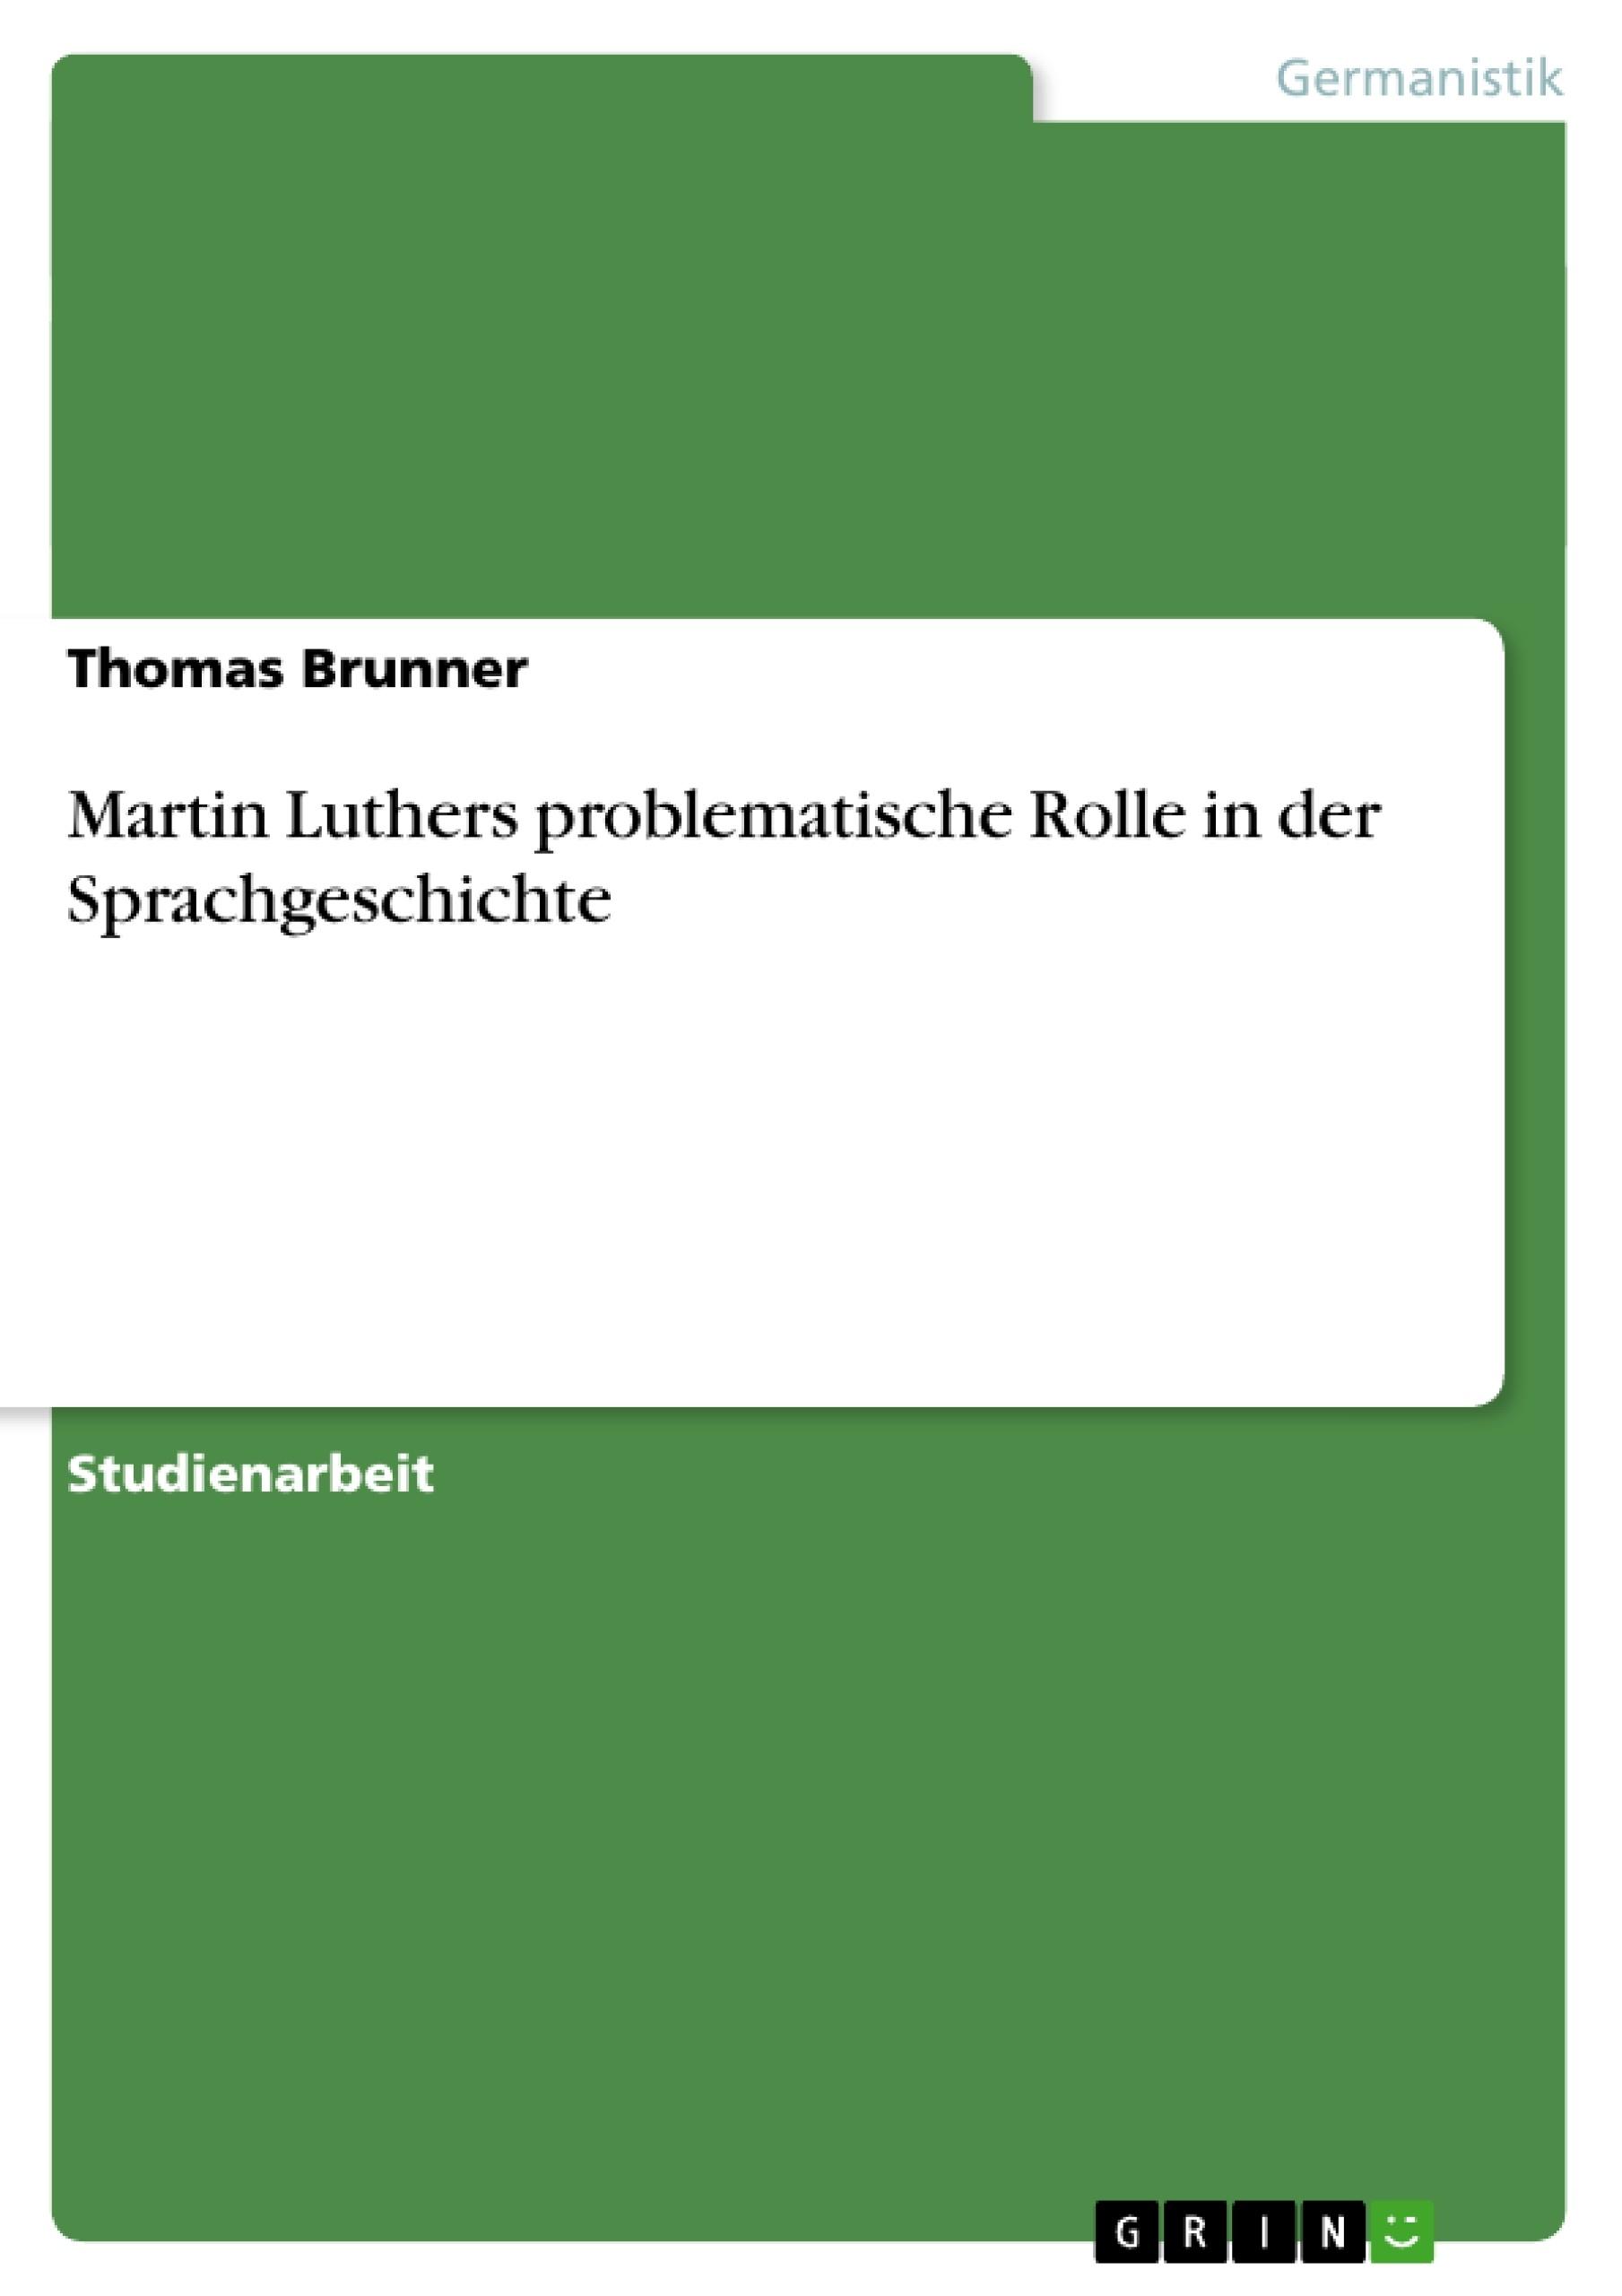 Titel: Martin Luthers problematische Rolle in der Sprachgeschichte